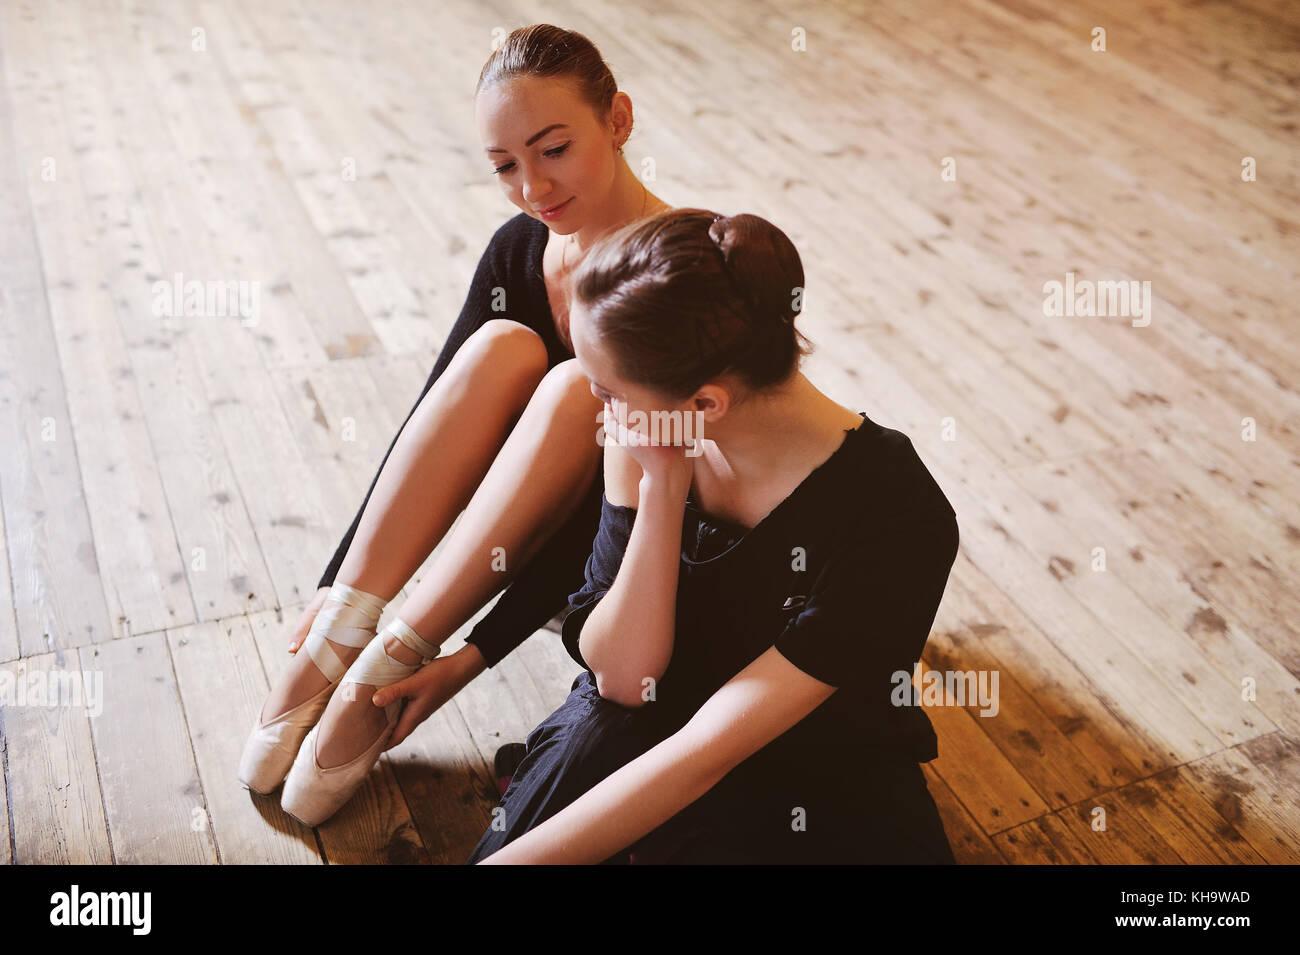 Dos bailarinas hablando y sonriendo sentado sobre un piso de madera Imagen De Stock